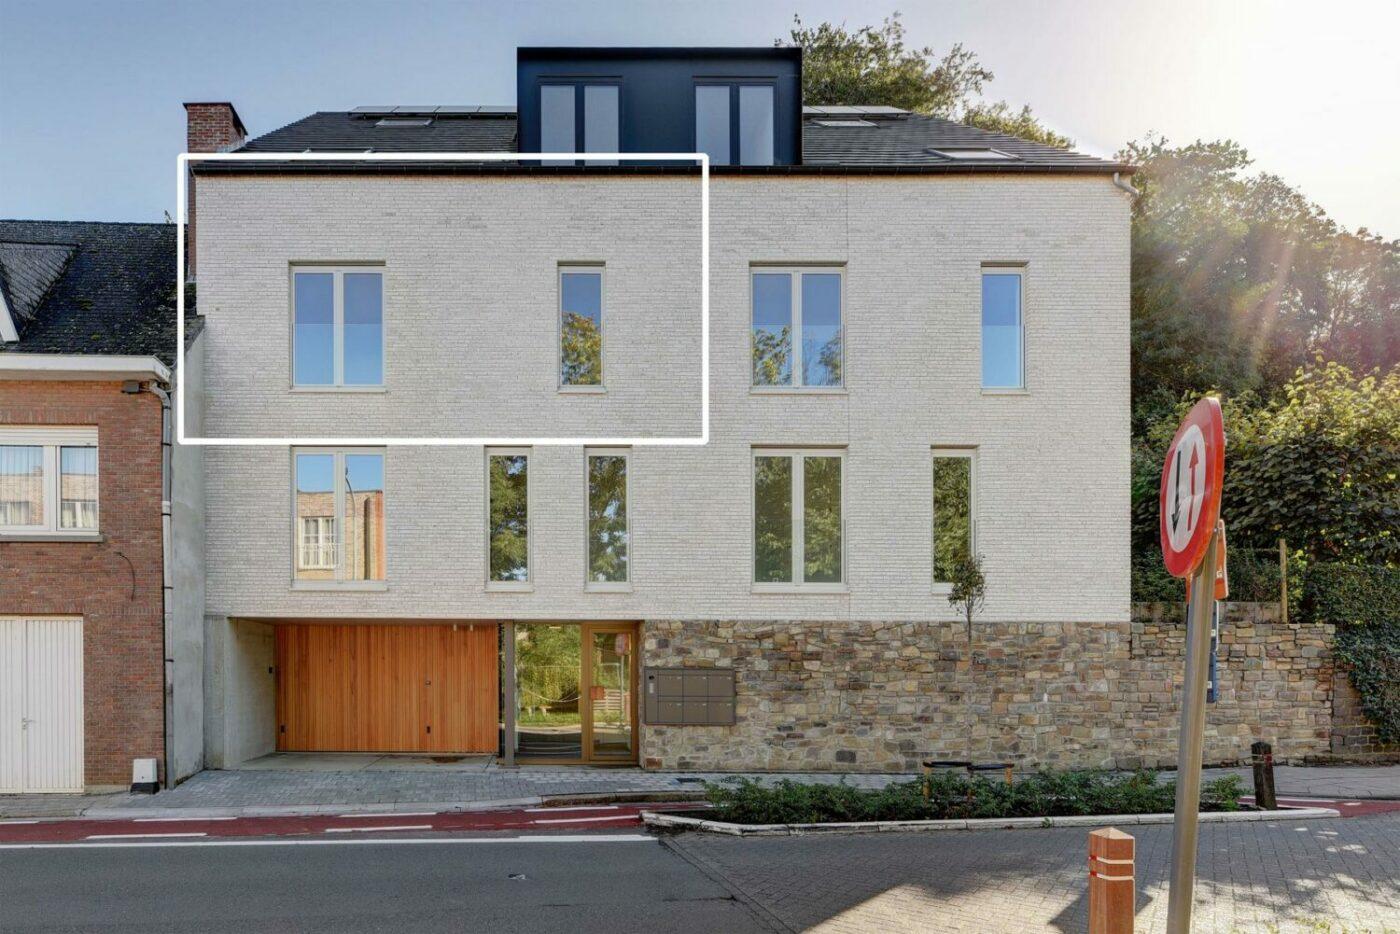 Hoogwaardig afgewerkt nieuwbouw appartement - optie te koop bij imo Vastgoed